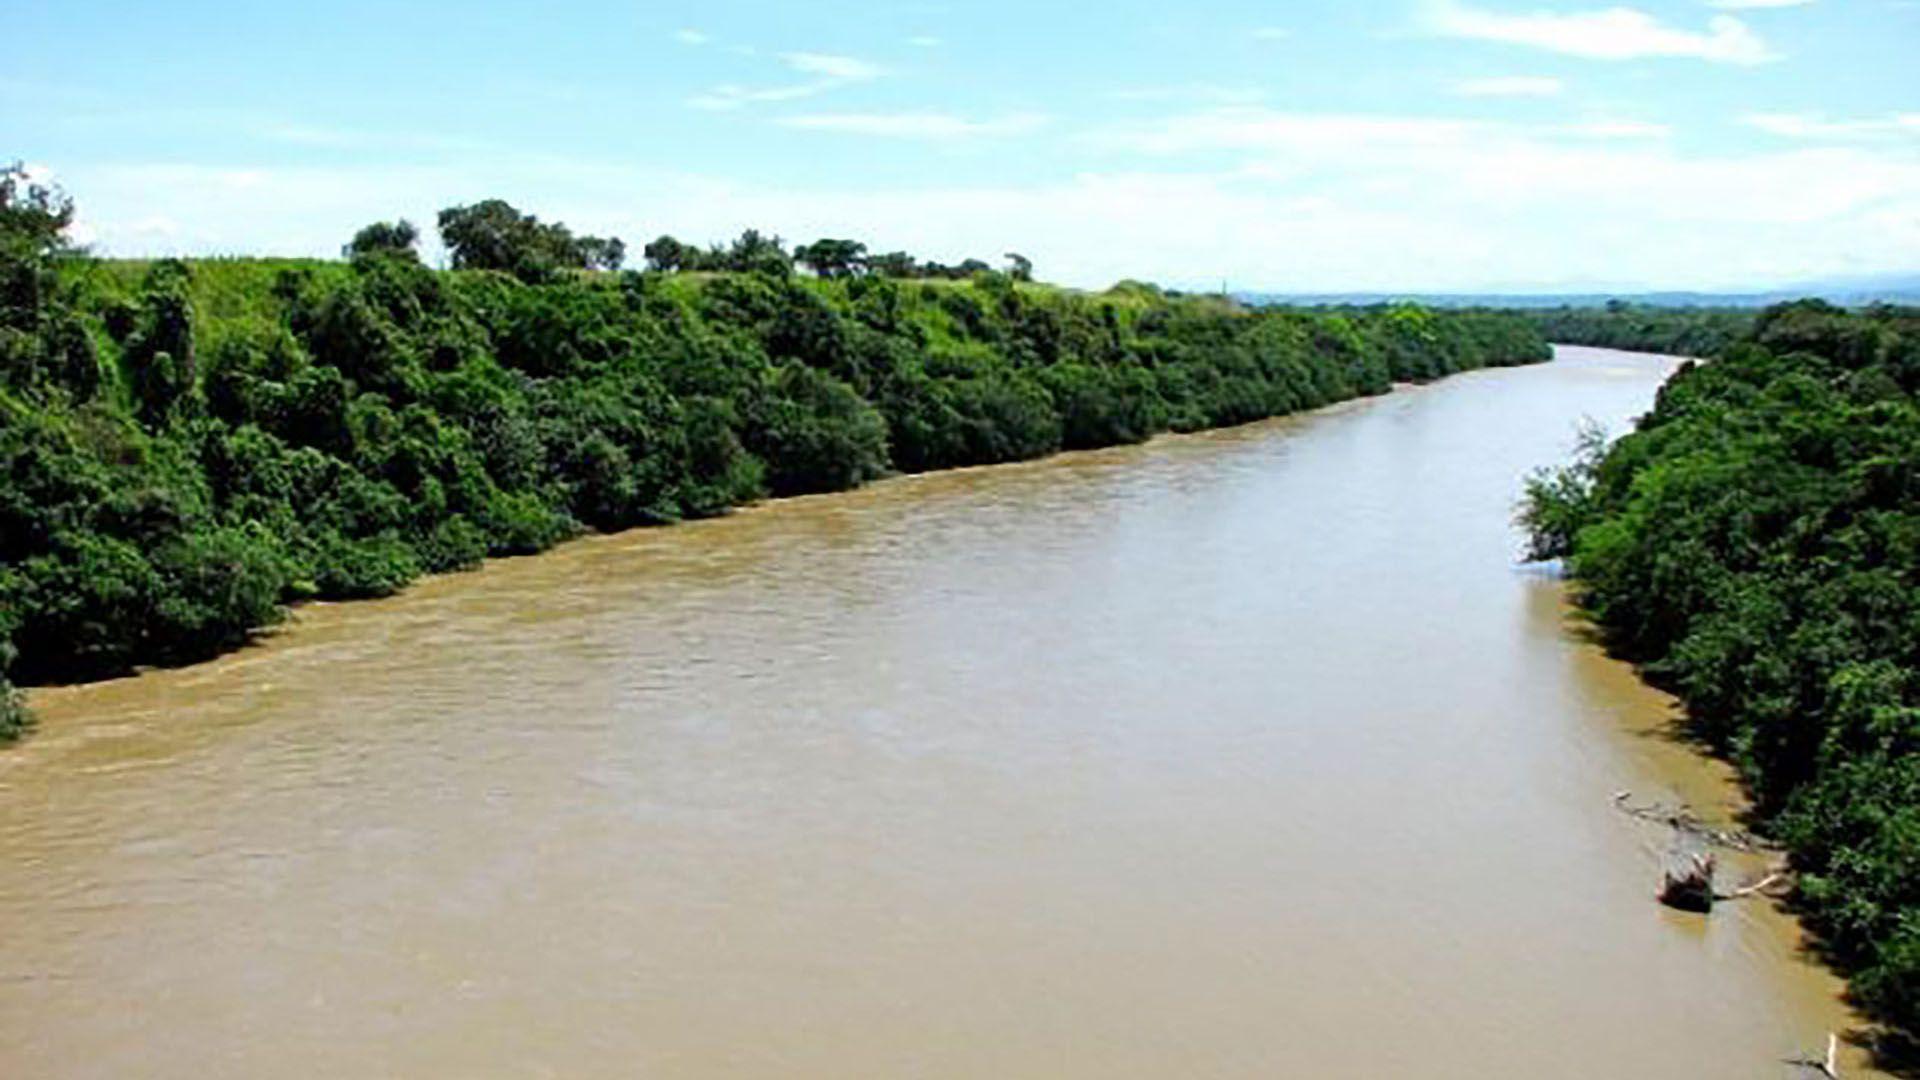 Imagen de referencia. Hallaron el cadáver de un hombre flotando en el río Magdalena. Archivo